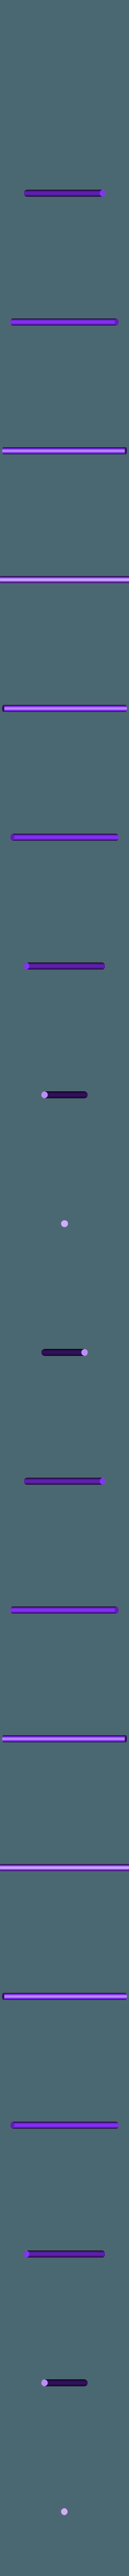 axle_5_5.STL Télécharger fichier STL gratuit MEGA Expansion 200+ Pièces • Plan à imprimer en 3D, Pwentey